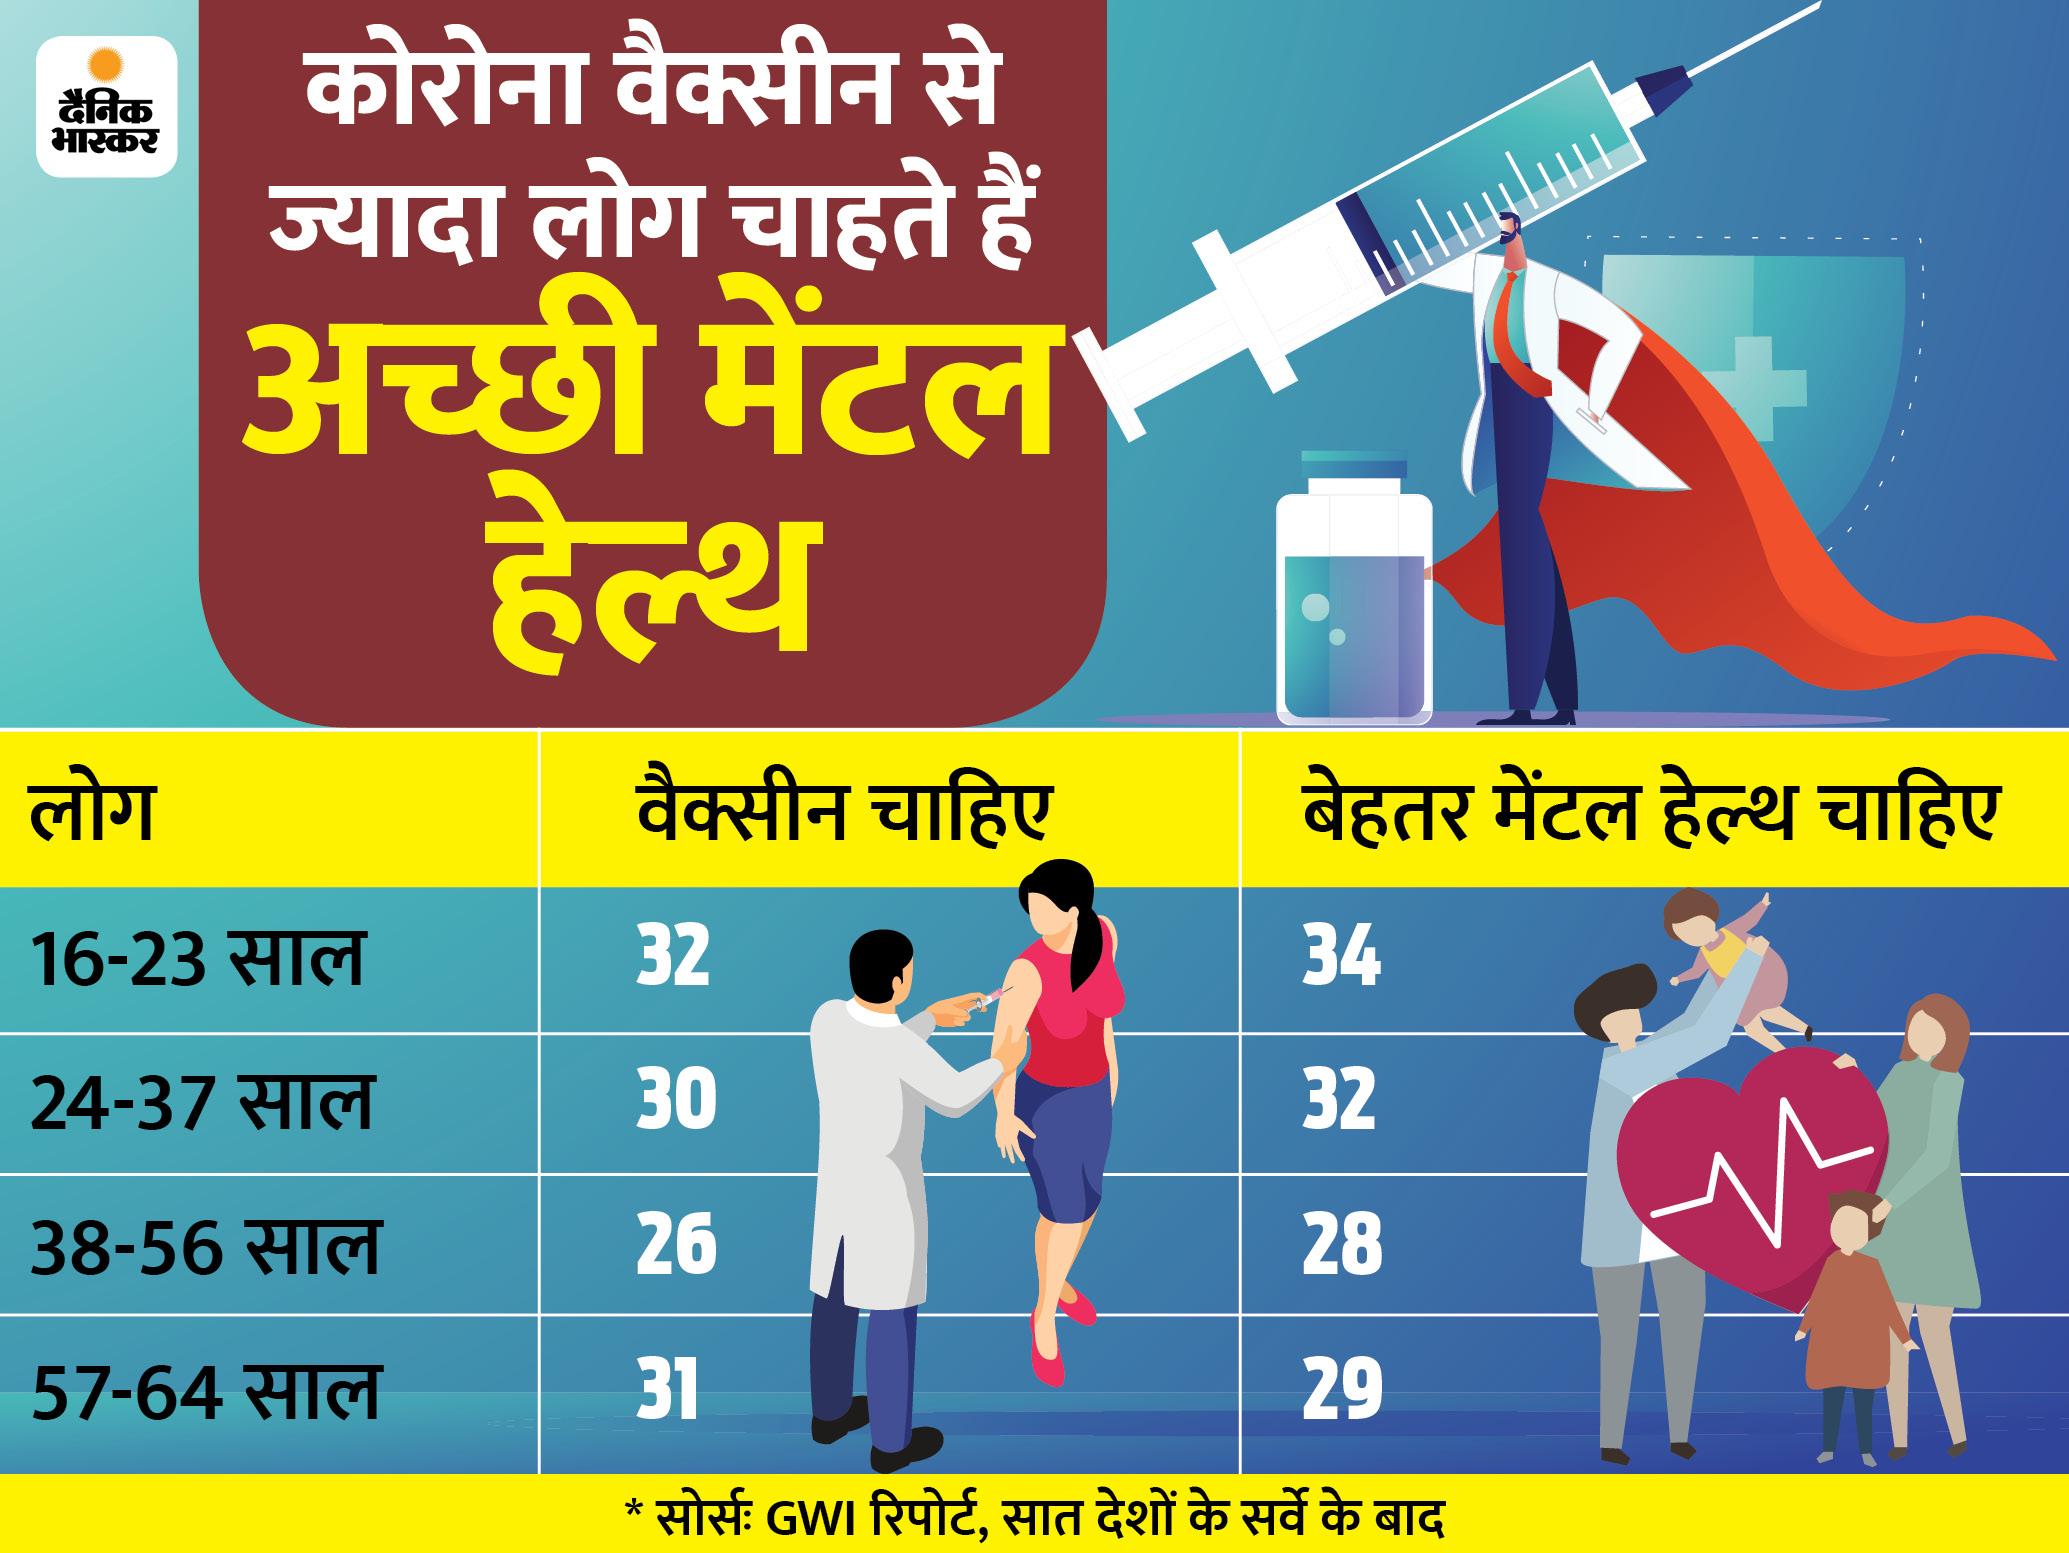 कोरोना ने बिगाड़ी मेंटल हेल्थ के रोगियों की हालत, हर साल मरते हैं 8 लाख लोग|DB ओरिजिनल,DB Original - Dainik Bhaskar